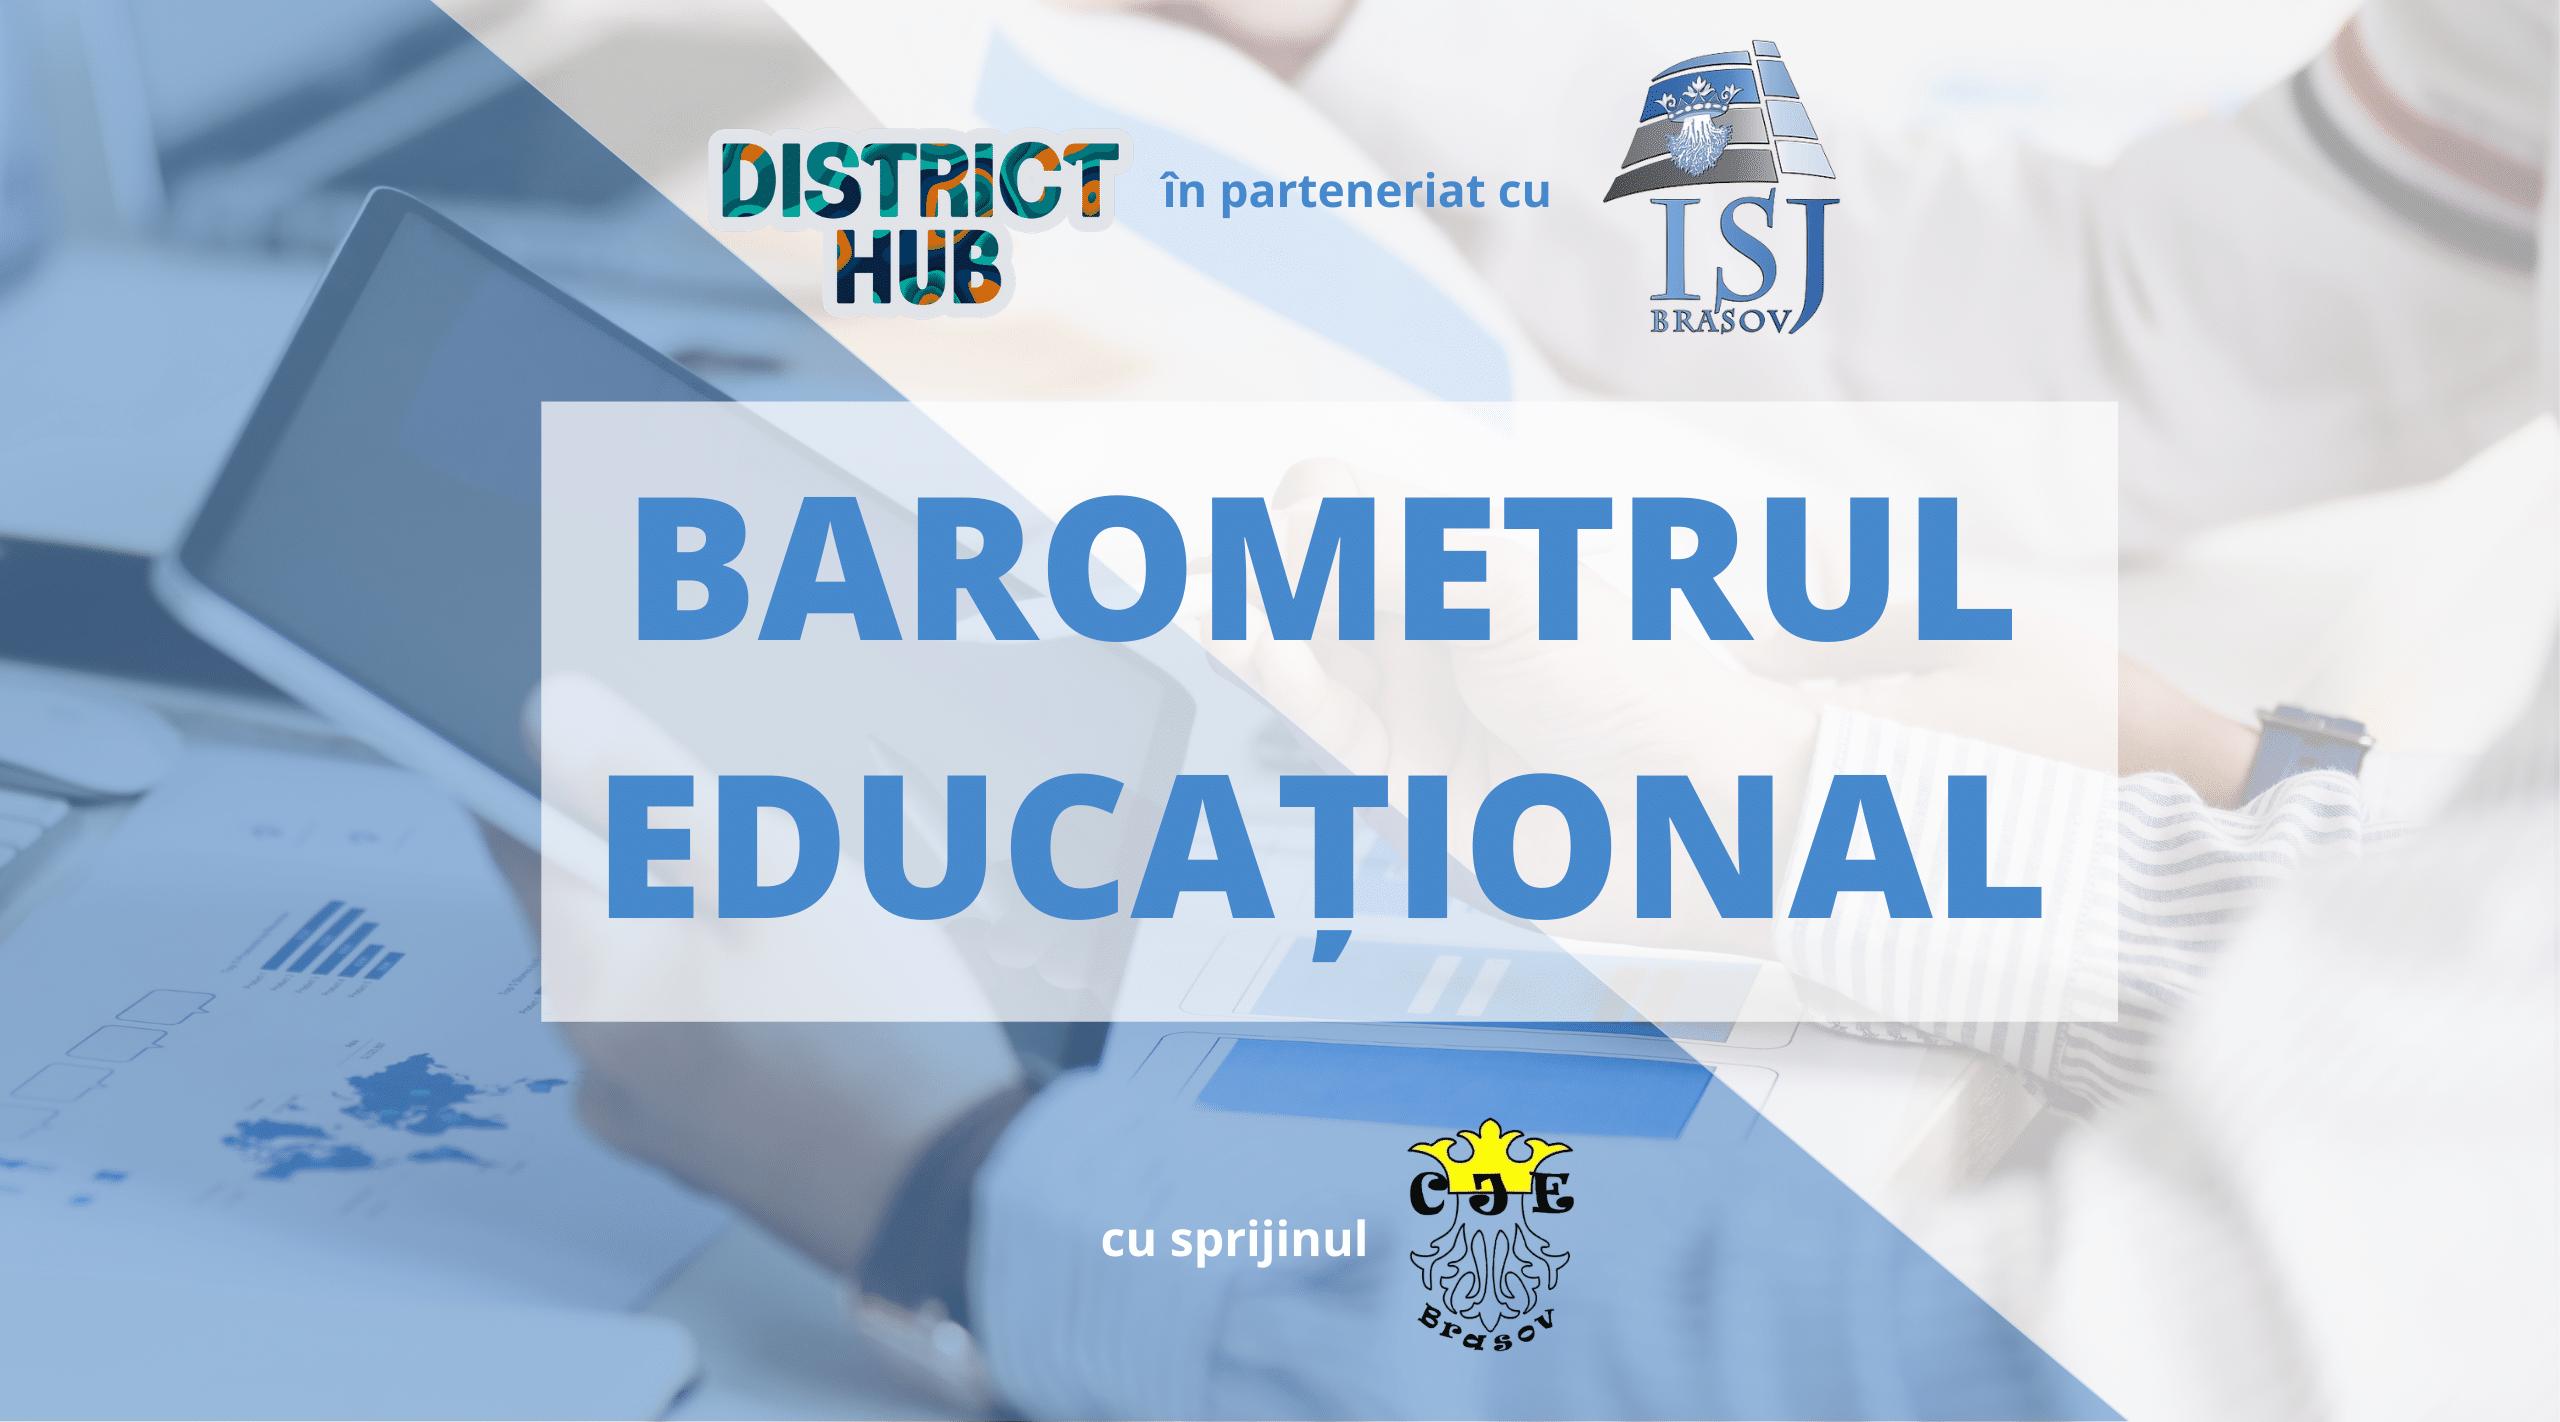 Asociația District Hub prezintă rezultatele Barometrului educațional pentru județul Brașov